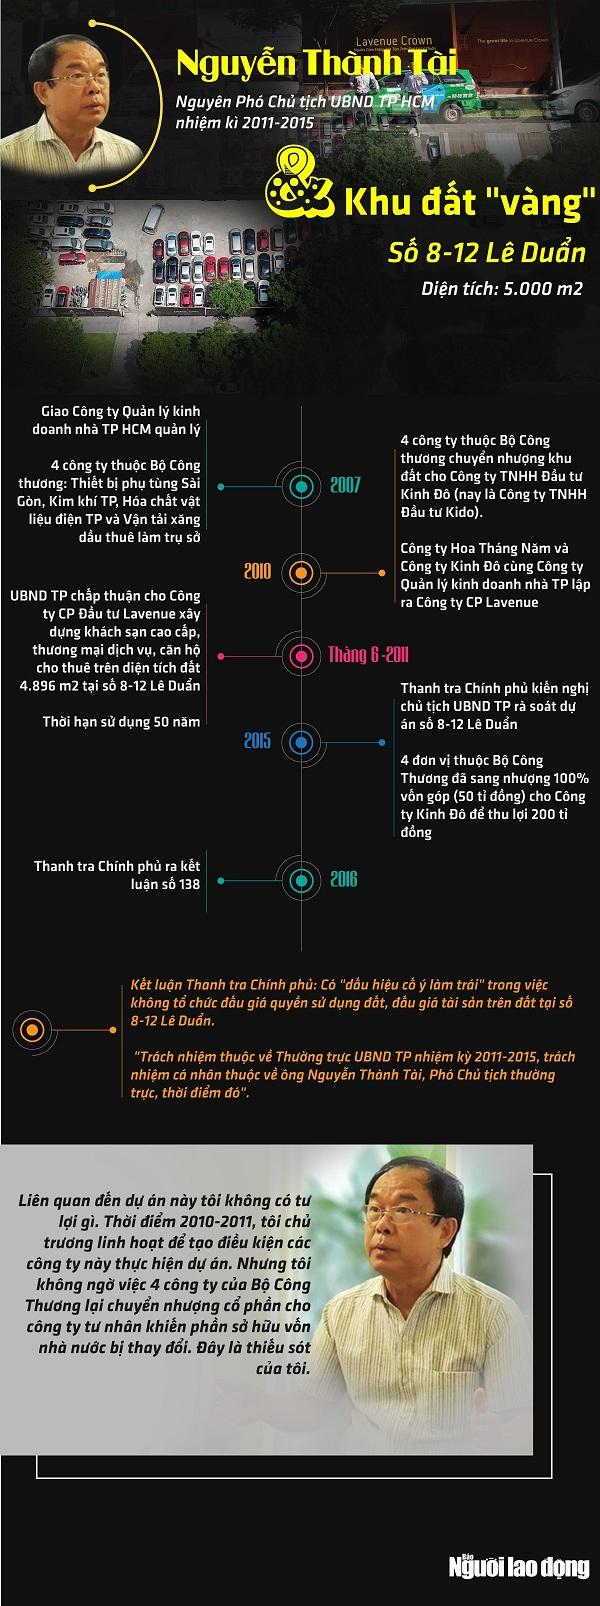 [Infographic] - Ông Nguyễn Thành Tài và khu đất